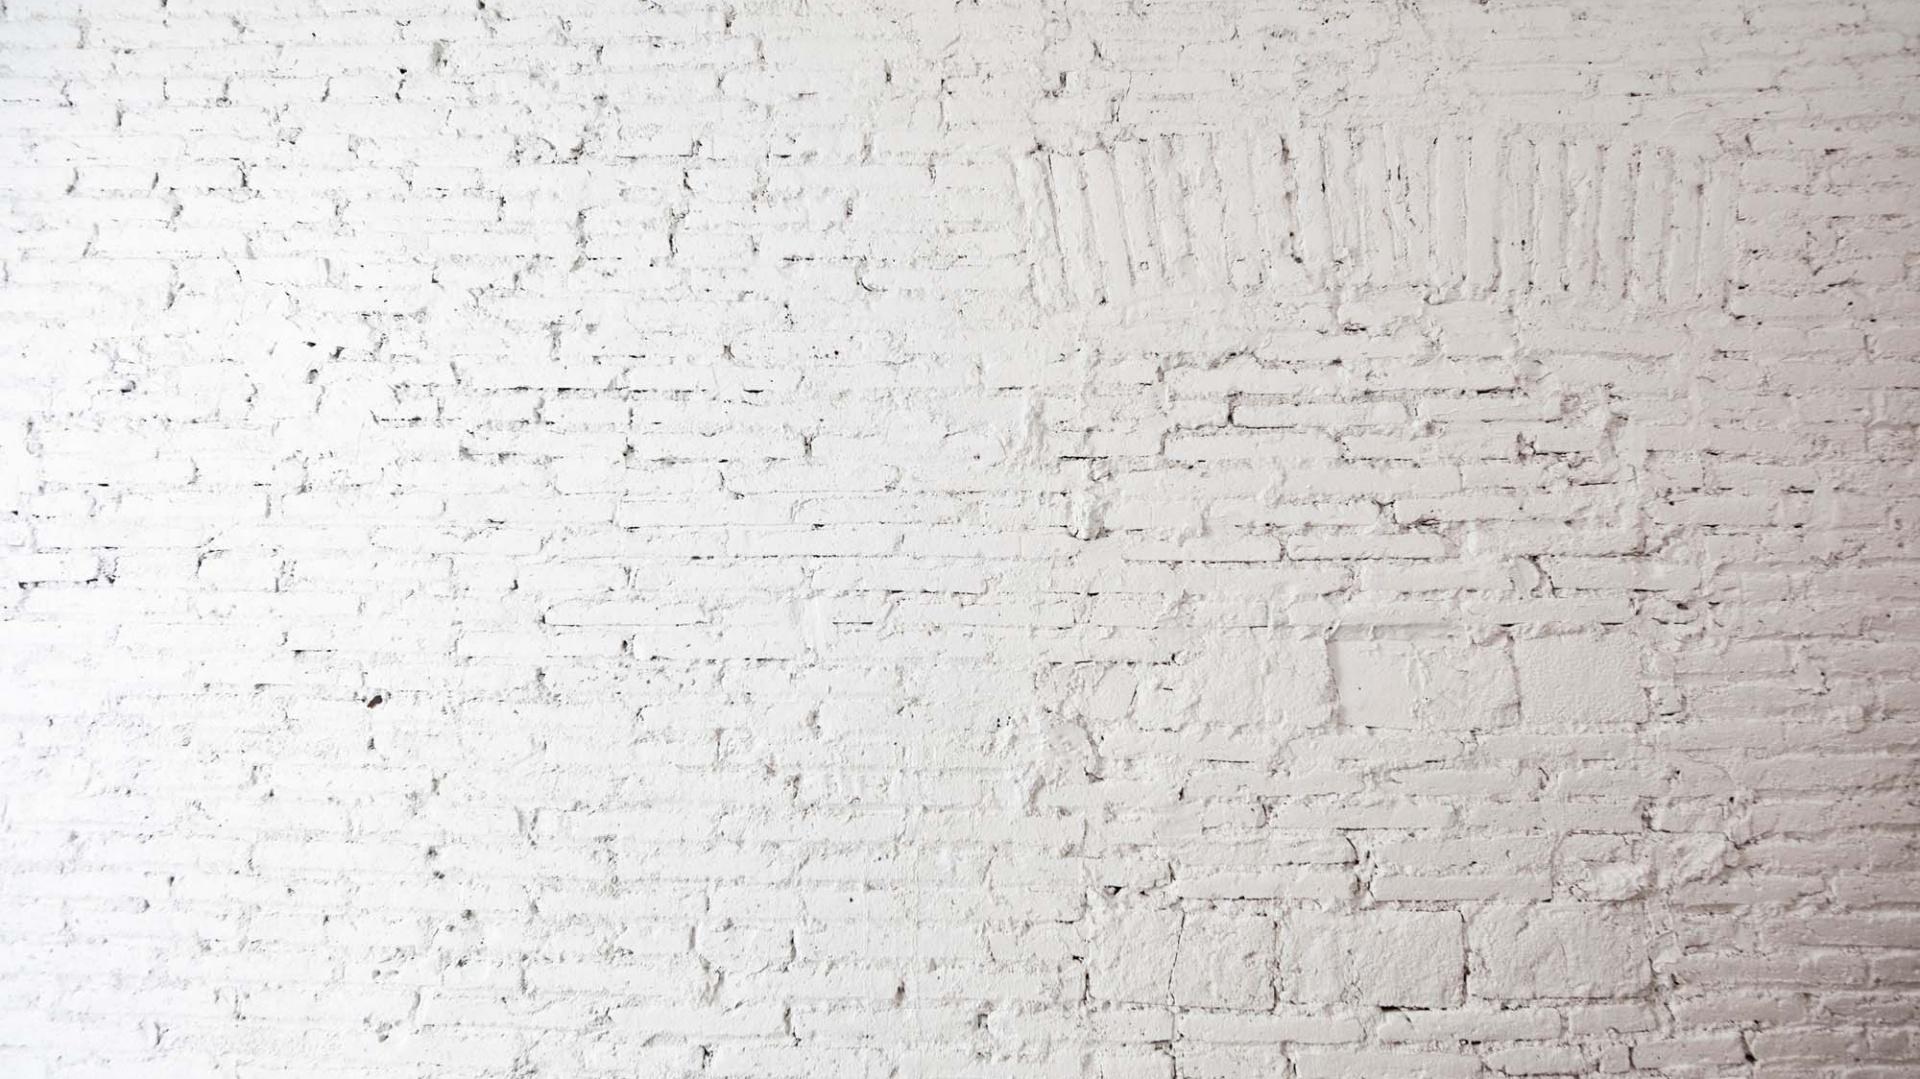 Historyczna cegła, wydobyta na światło dzienne i pomalowana na biało. Fot. Eva Cotman.